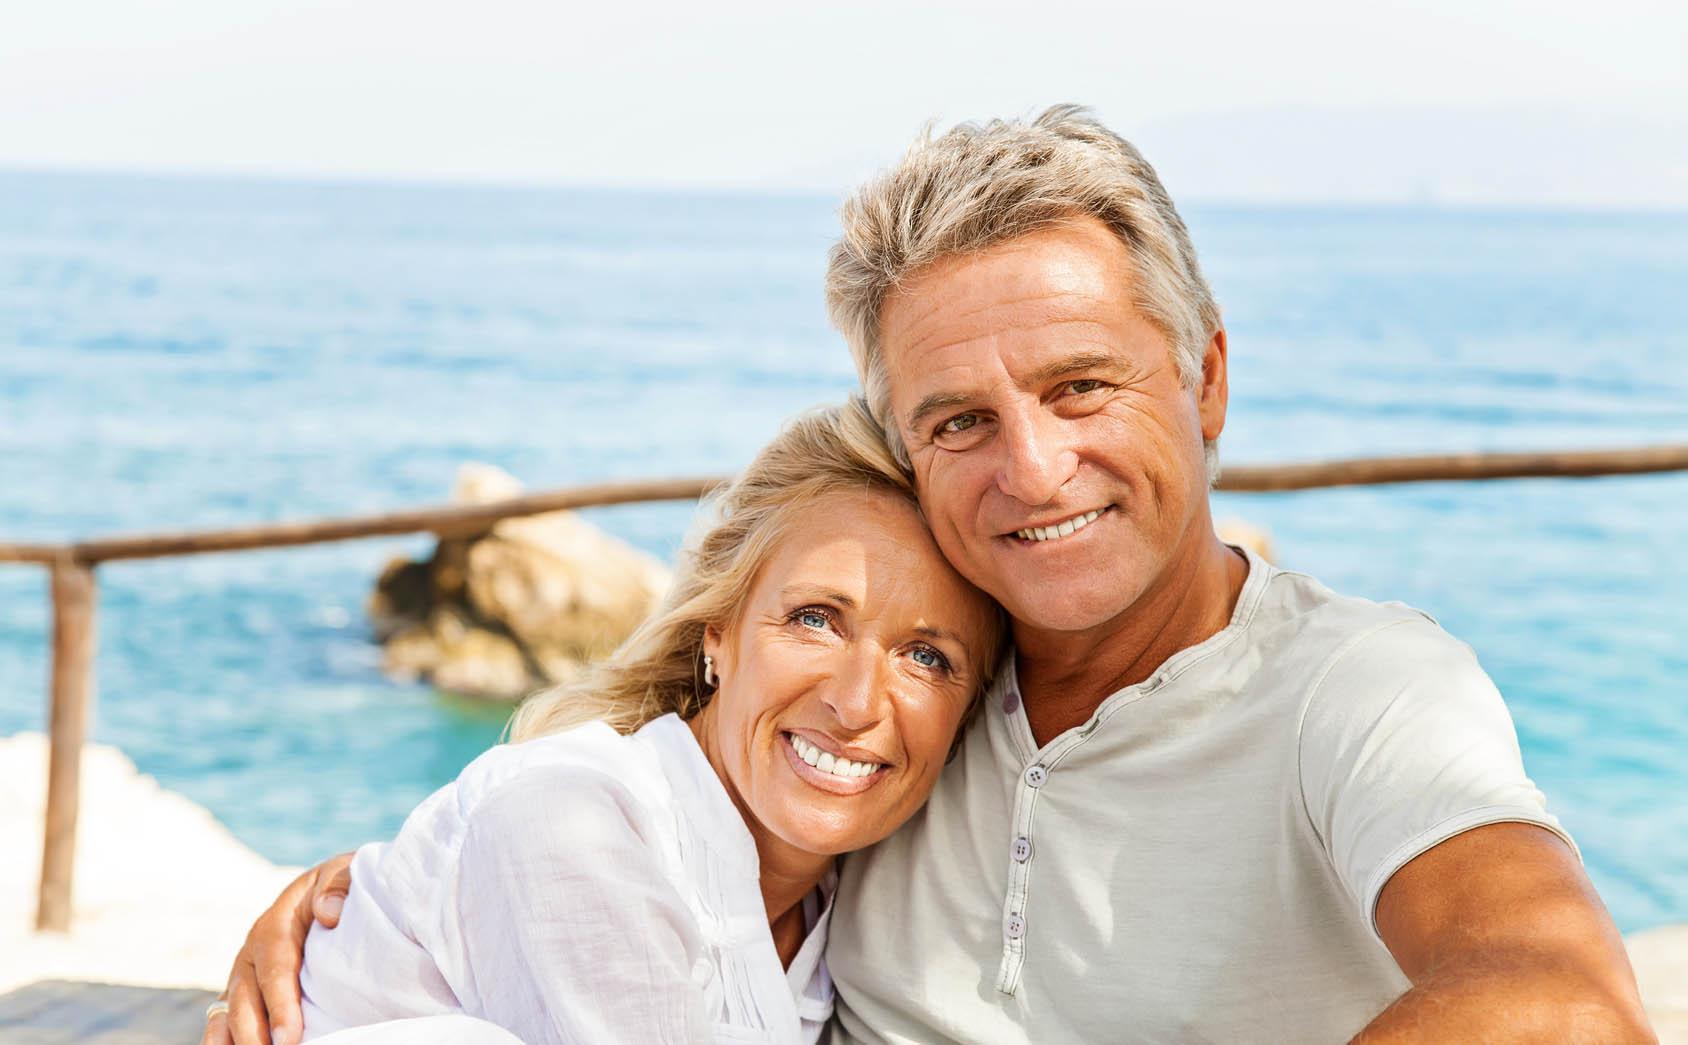 Implantate sind eine bewährte Behandlungsmethode und halten länger als Zahnbrücken und Prothesen.